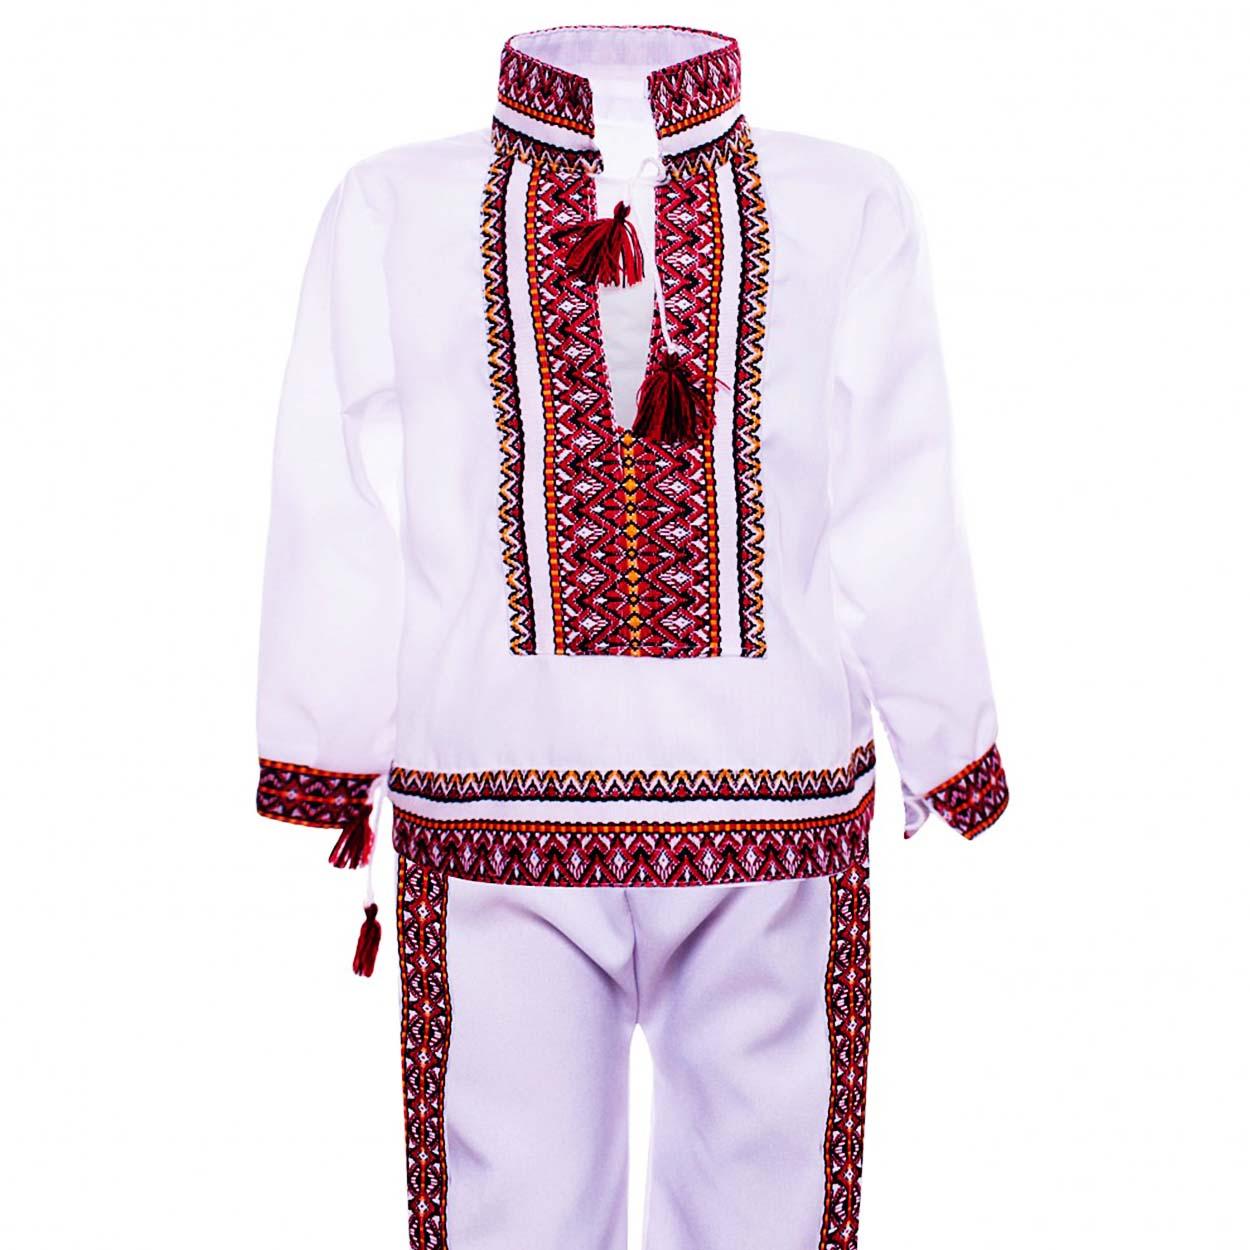 מחירים זולים איכות מצויינת בסיטונאות Costum Popular pentu baieti din 2 piese Alb cod130 -